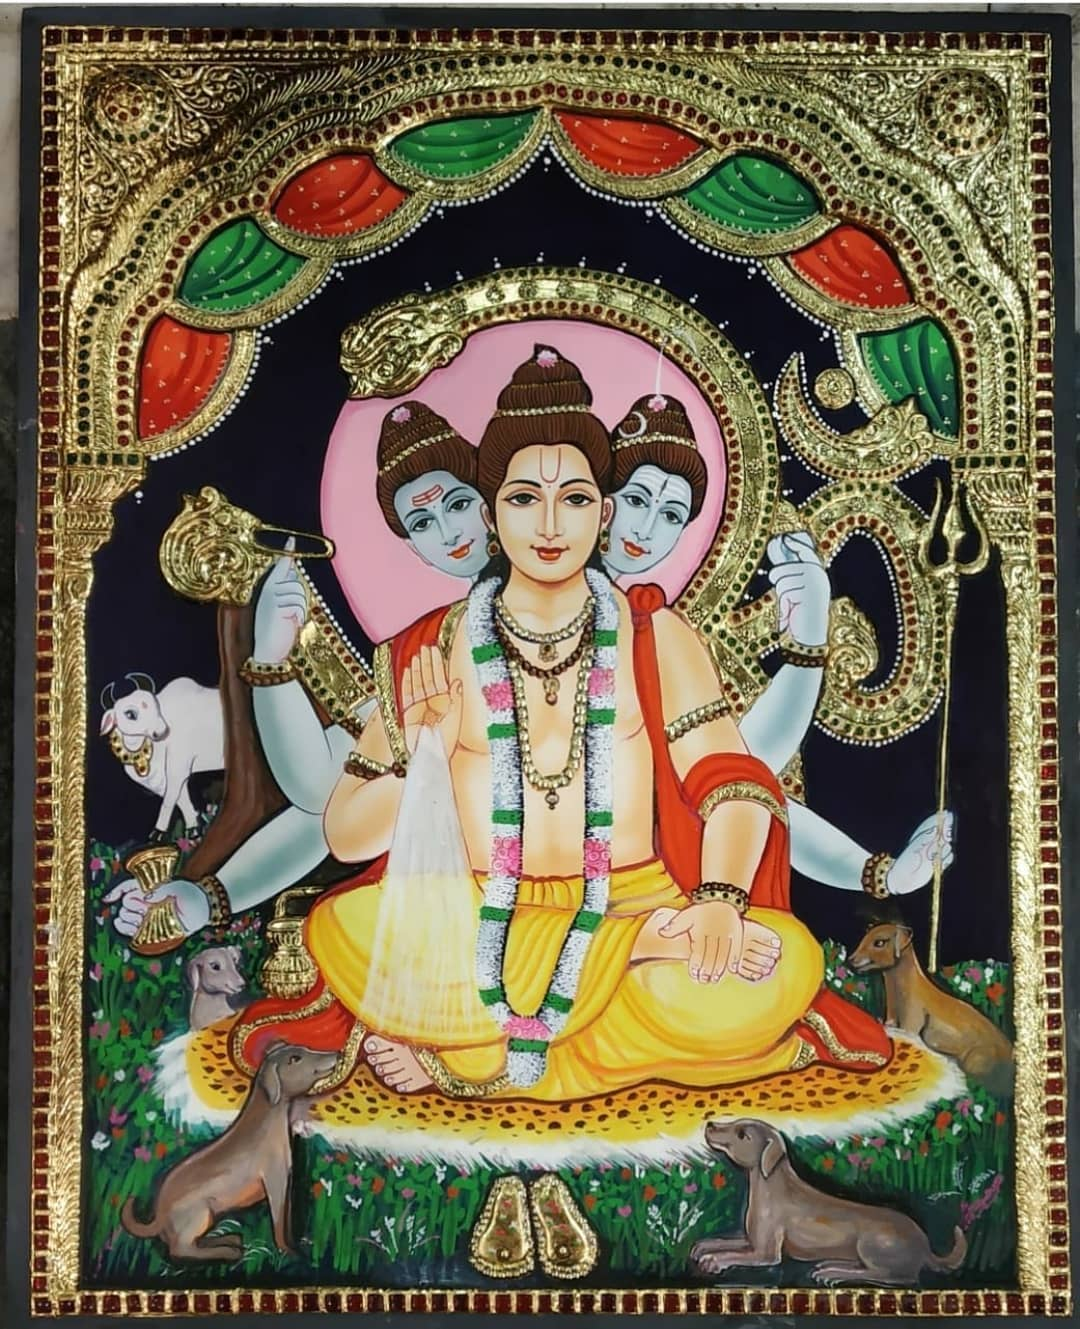 Best Wallpaper Gurudev Datta Hd Images